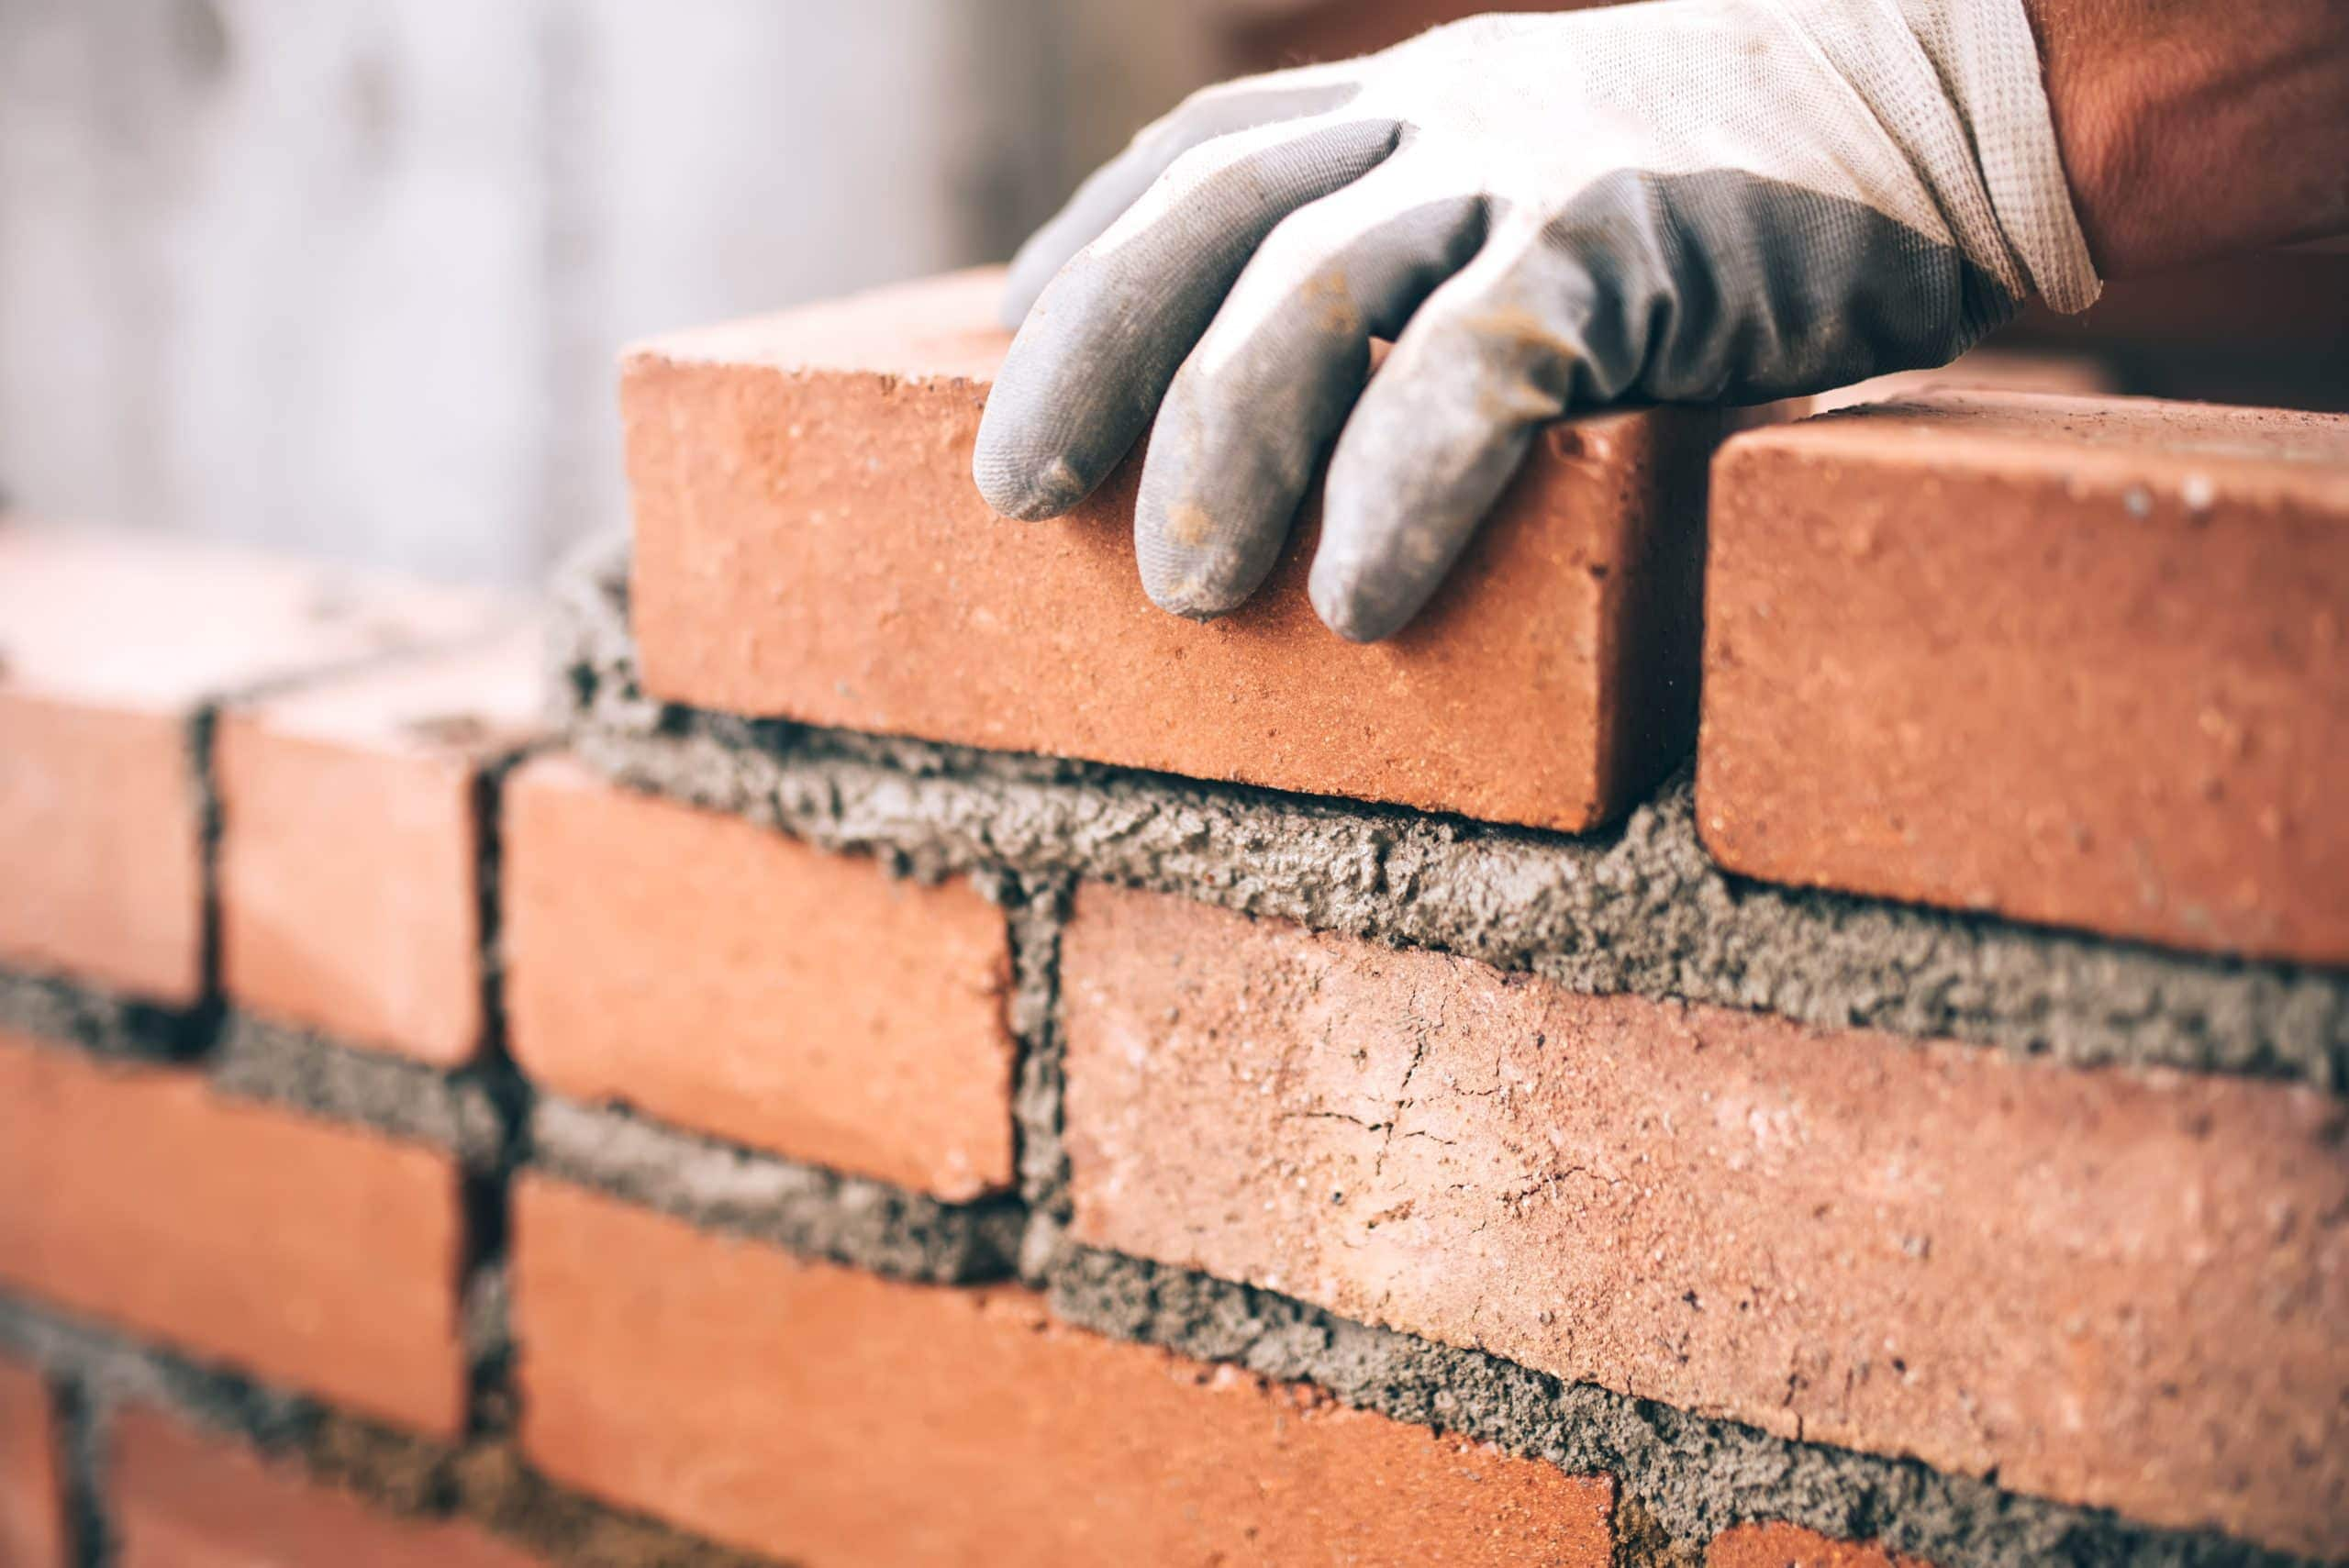 Mensch baut Mauer aus Ziegelsteinen